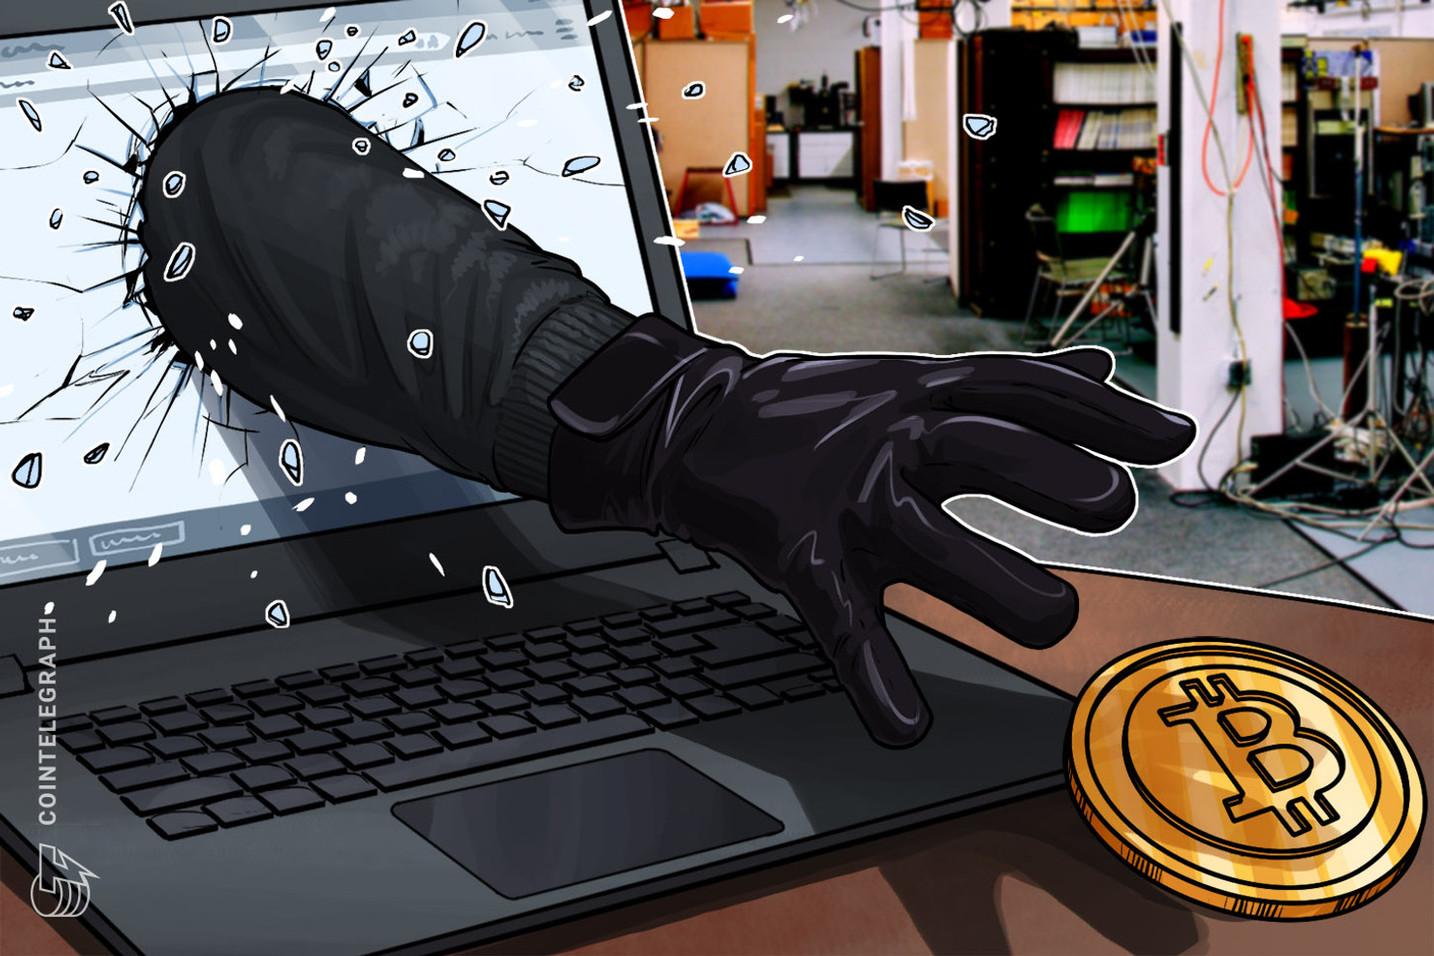 El 98% de los pagos por ransomware se realiza en bitcoin, según estudio